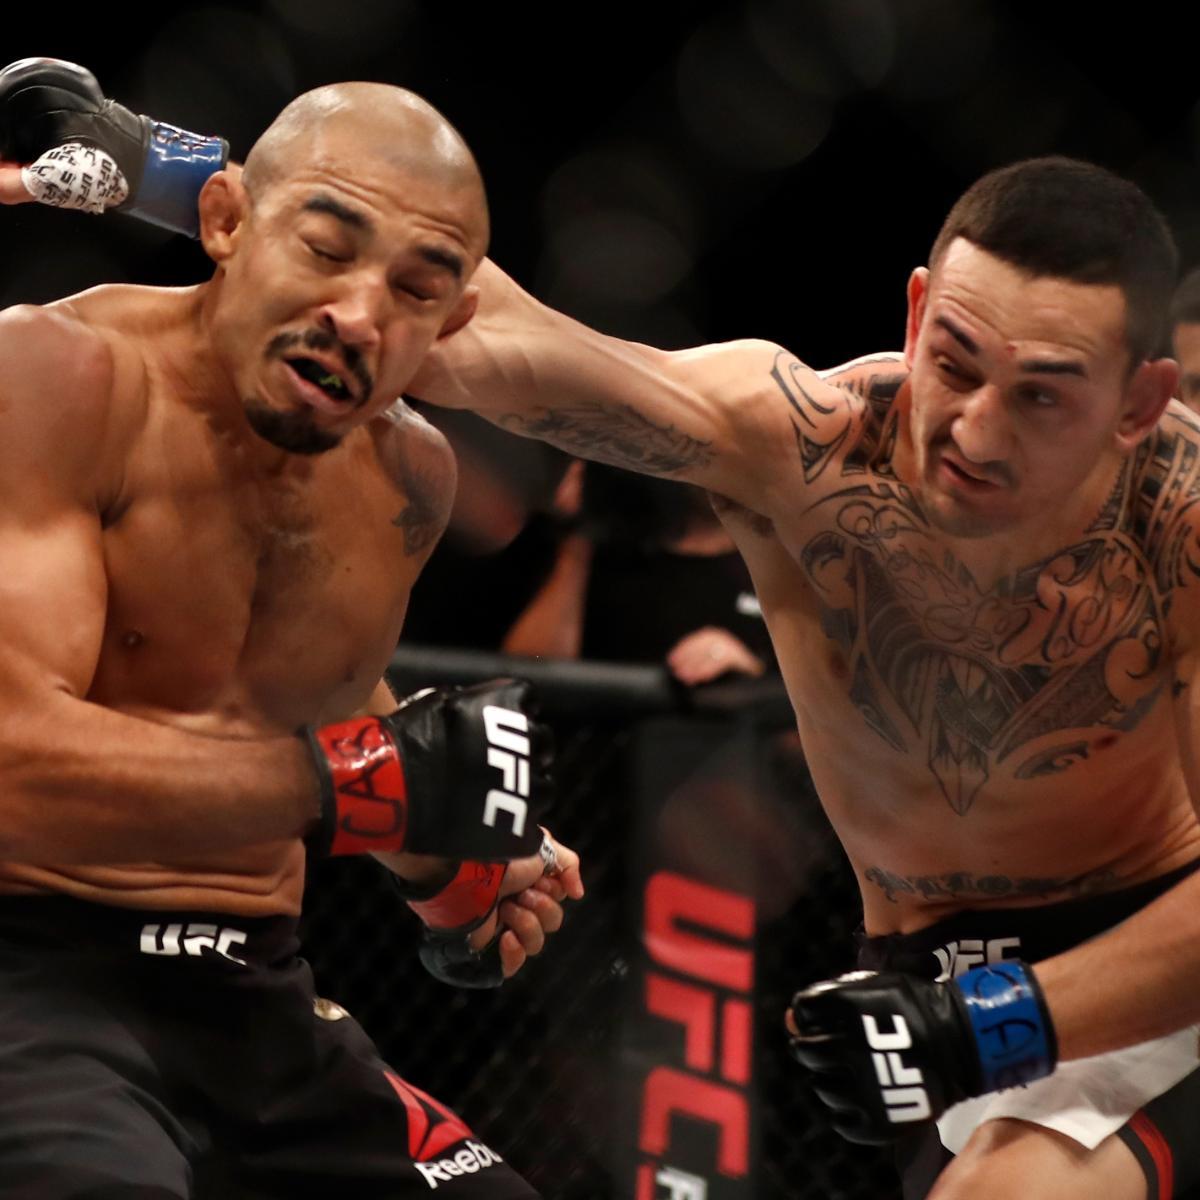 UFC 212 Results: Max Holloway Defeats Jose Aldo Via TKO In